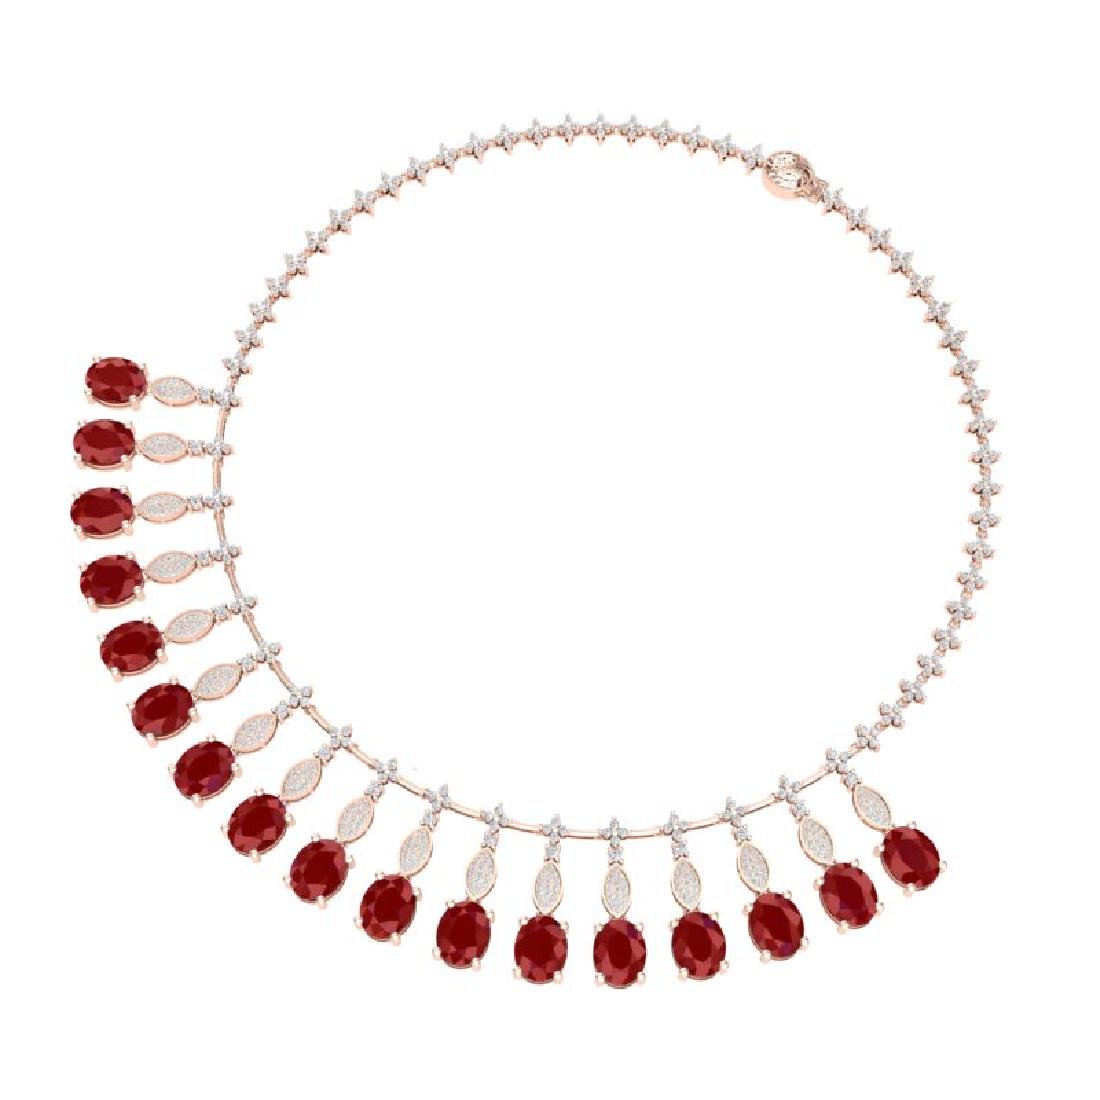 65.62 CTW Royalty Ruby & VS Diamond Necklace 18K Rose - 3